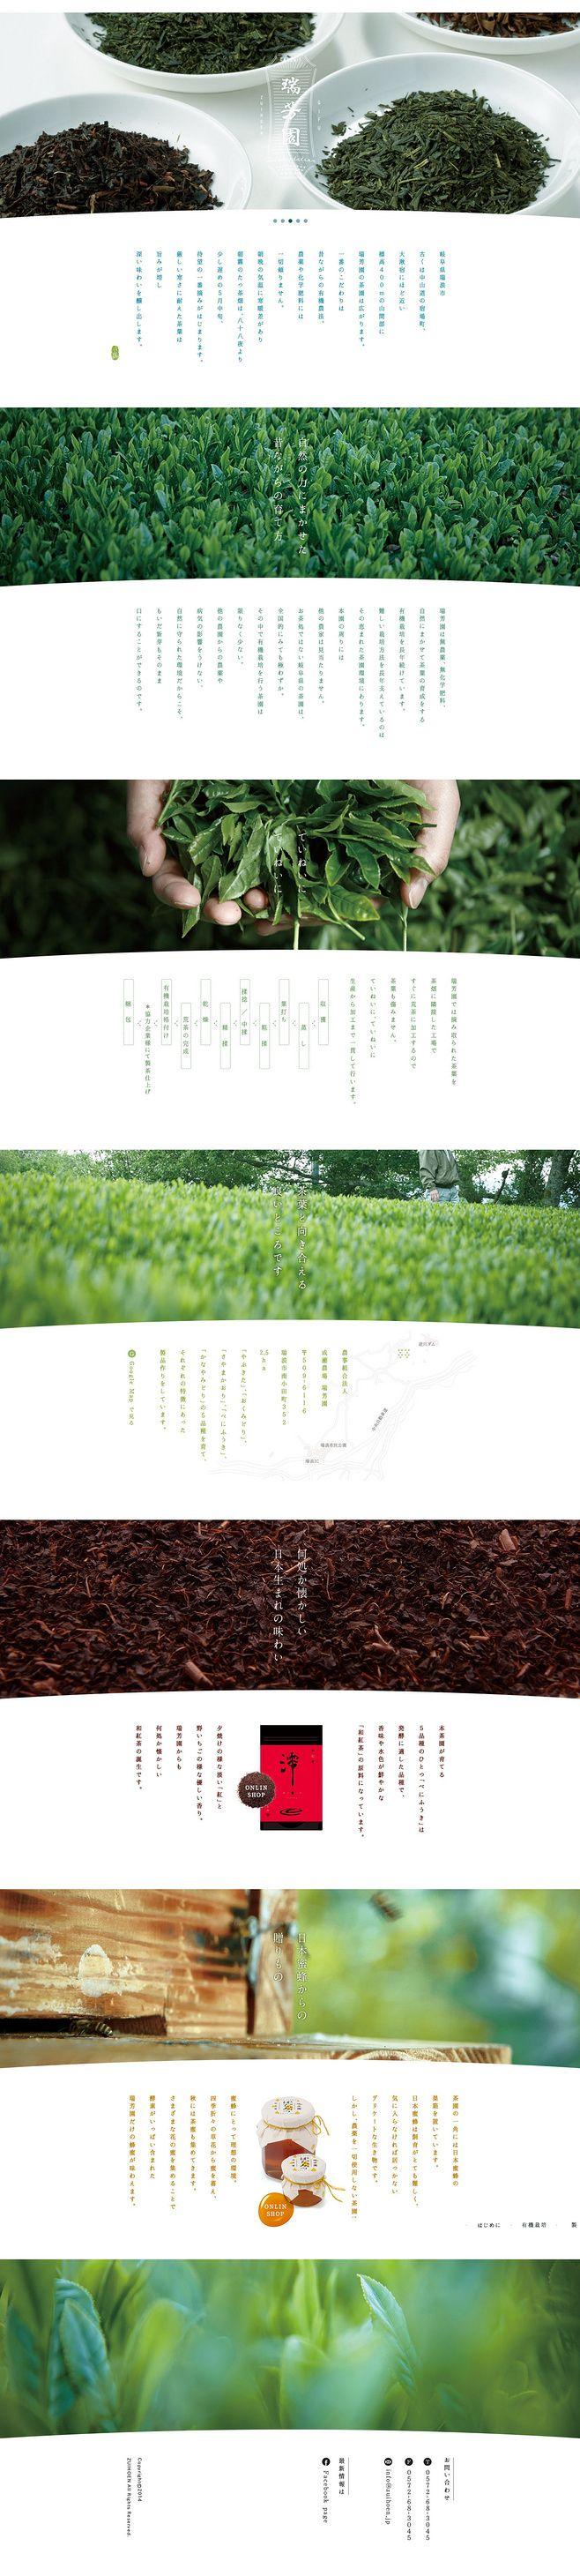 美味的茶!日本岐阜县瑞浪茶叶产品酷站。酷...